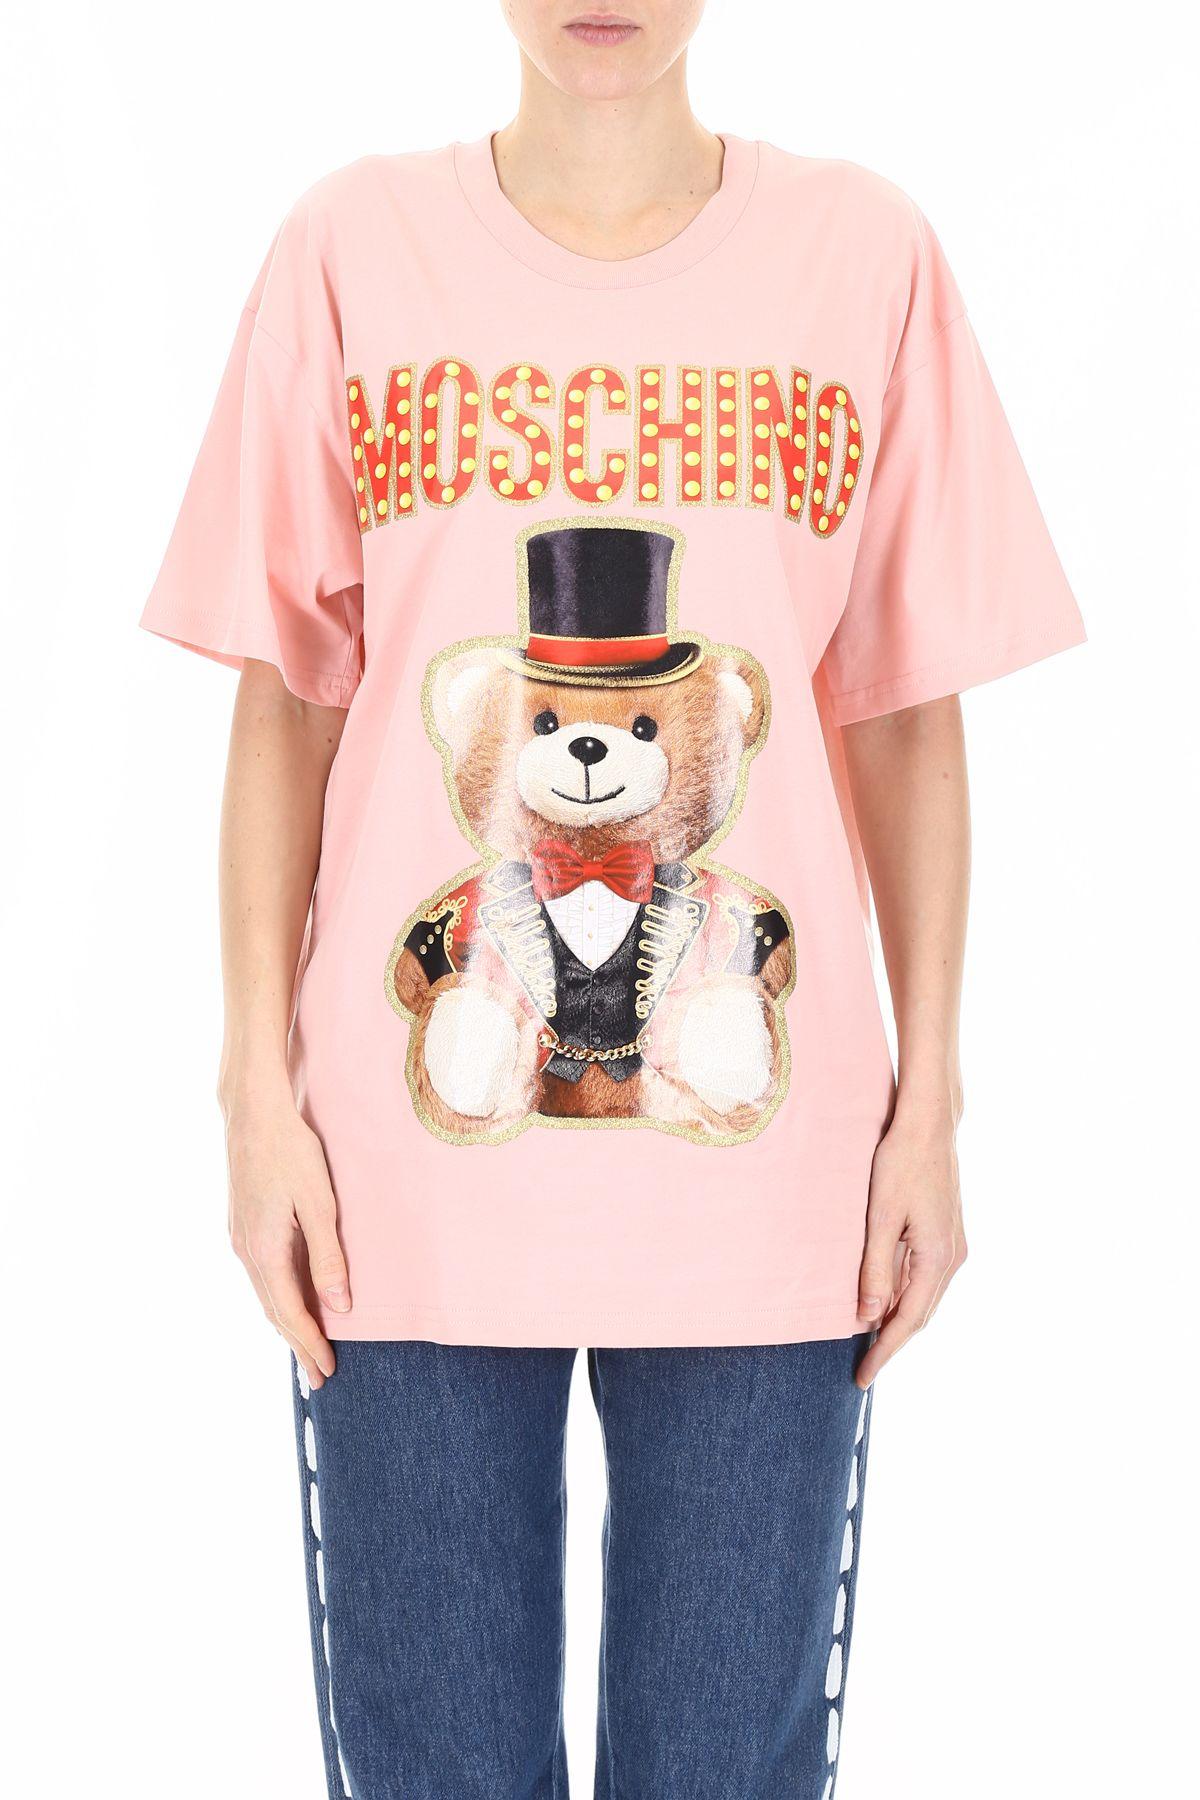 Moschino Moschino Circus Teddy T Shirt Fantasy Print Pinkrosa